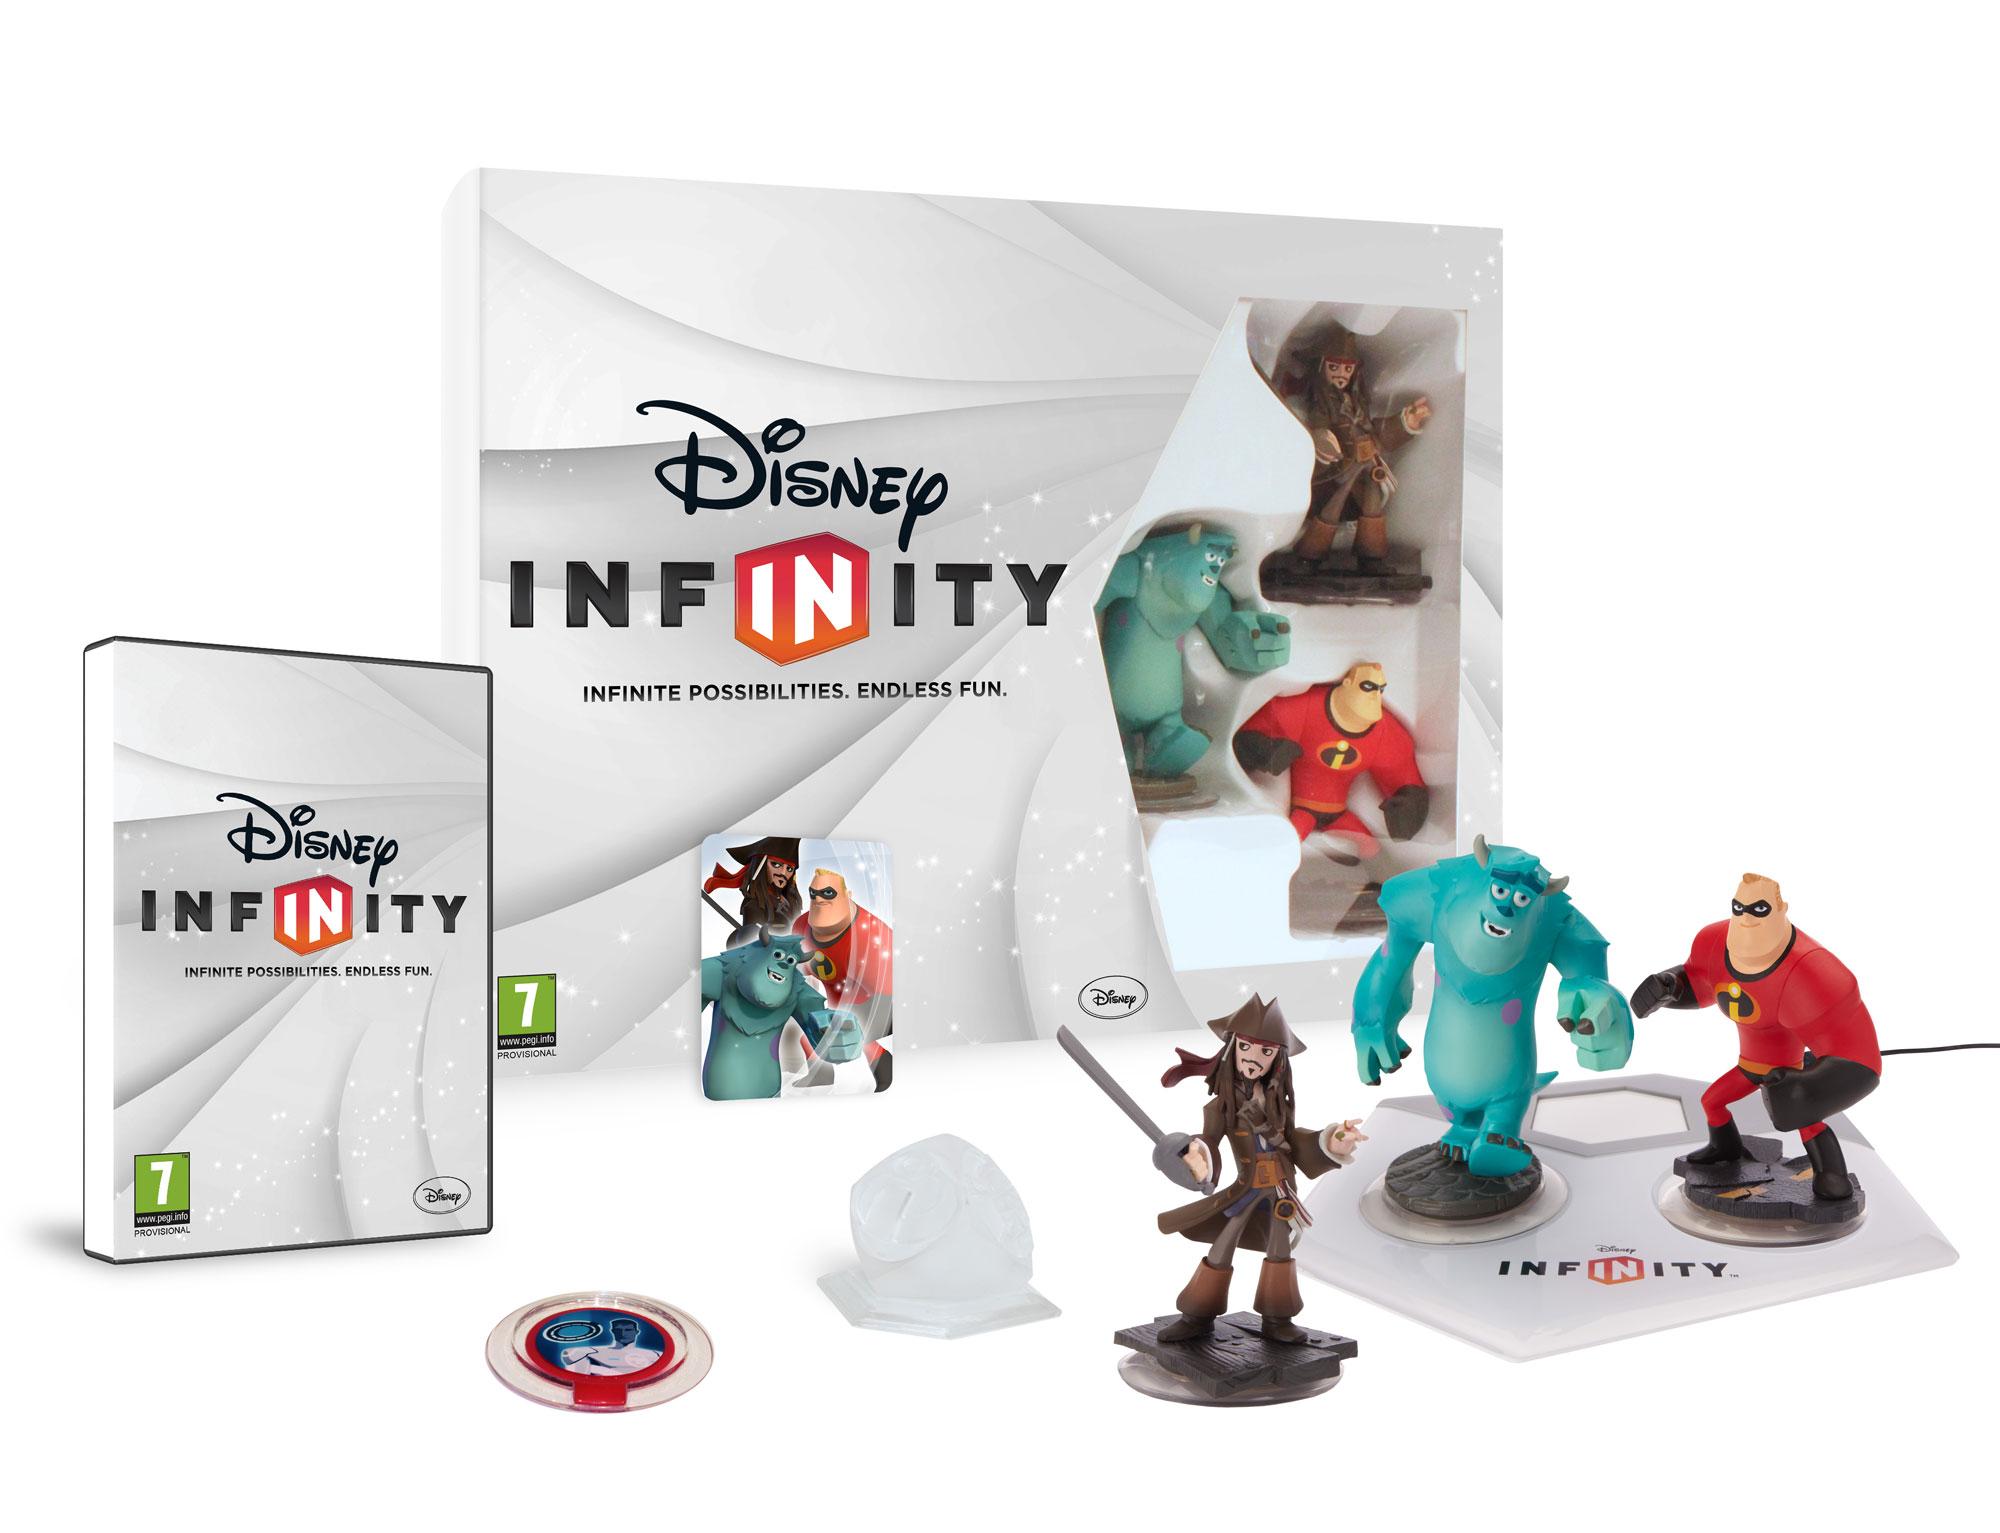 Unboxing Disney Infinity 2.0